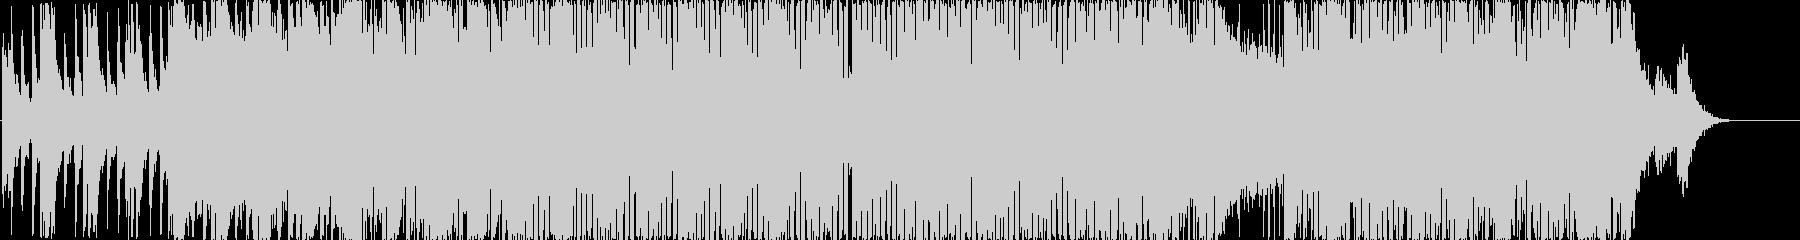 爽やかなピアノリフから始まる元気系の未再生の波形